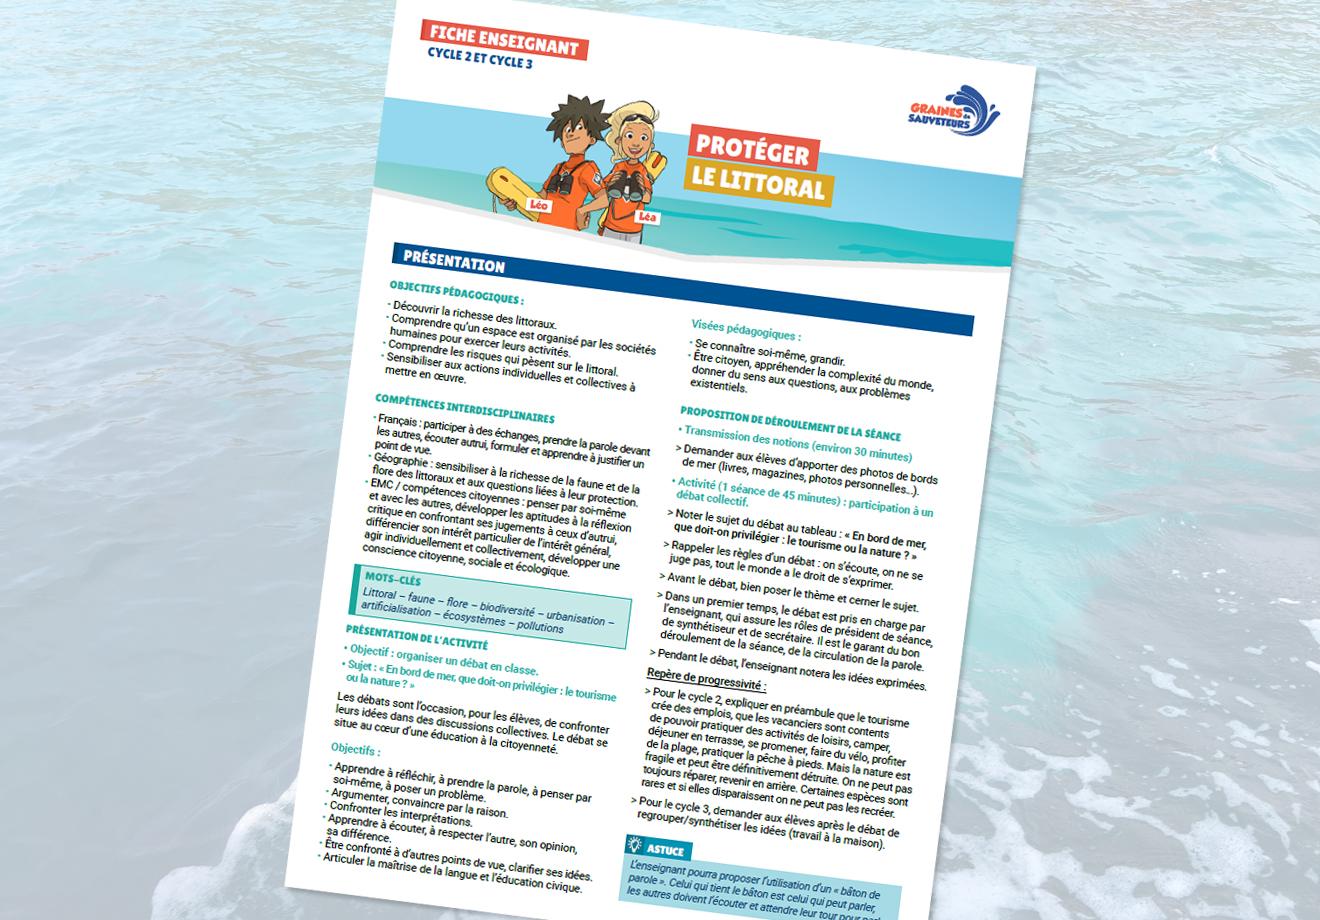 https://www.grainesdesauveteurs.com/proteger-le-littoral-enseignants-cycles-2-et-3/